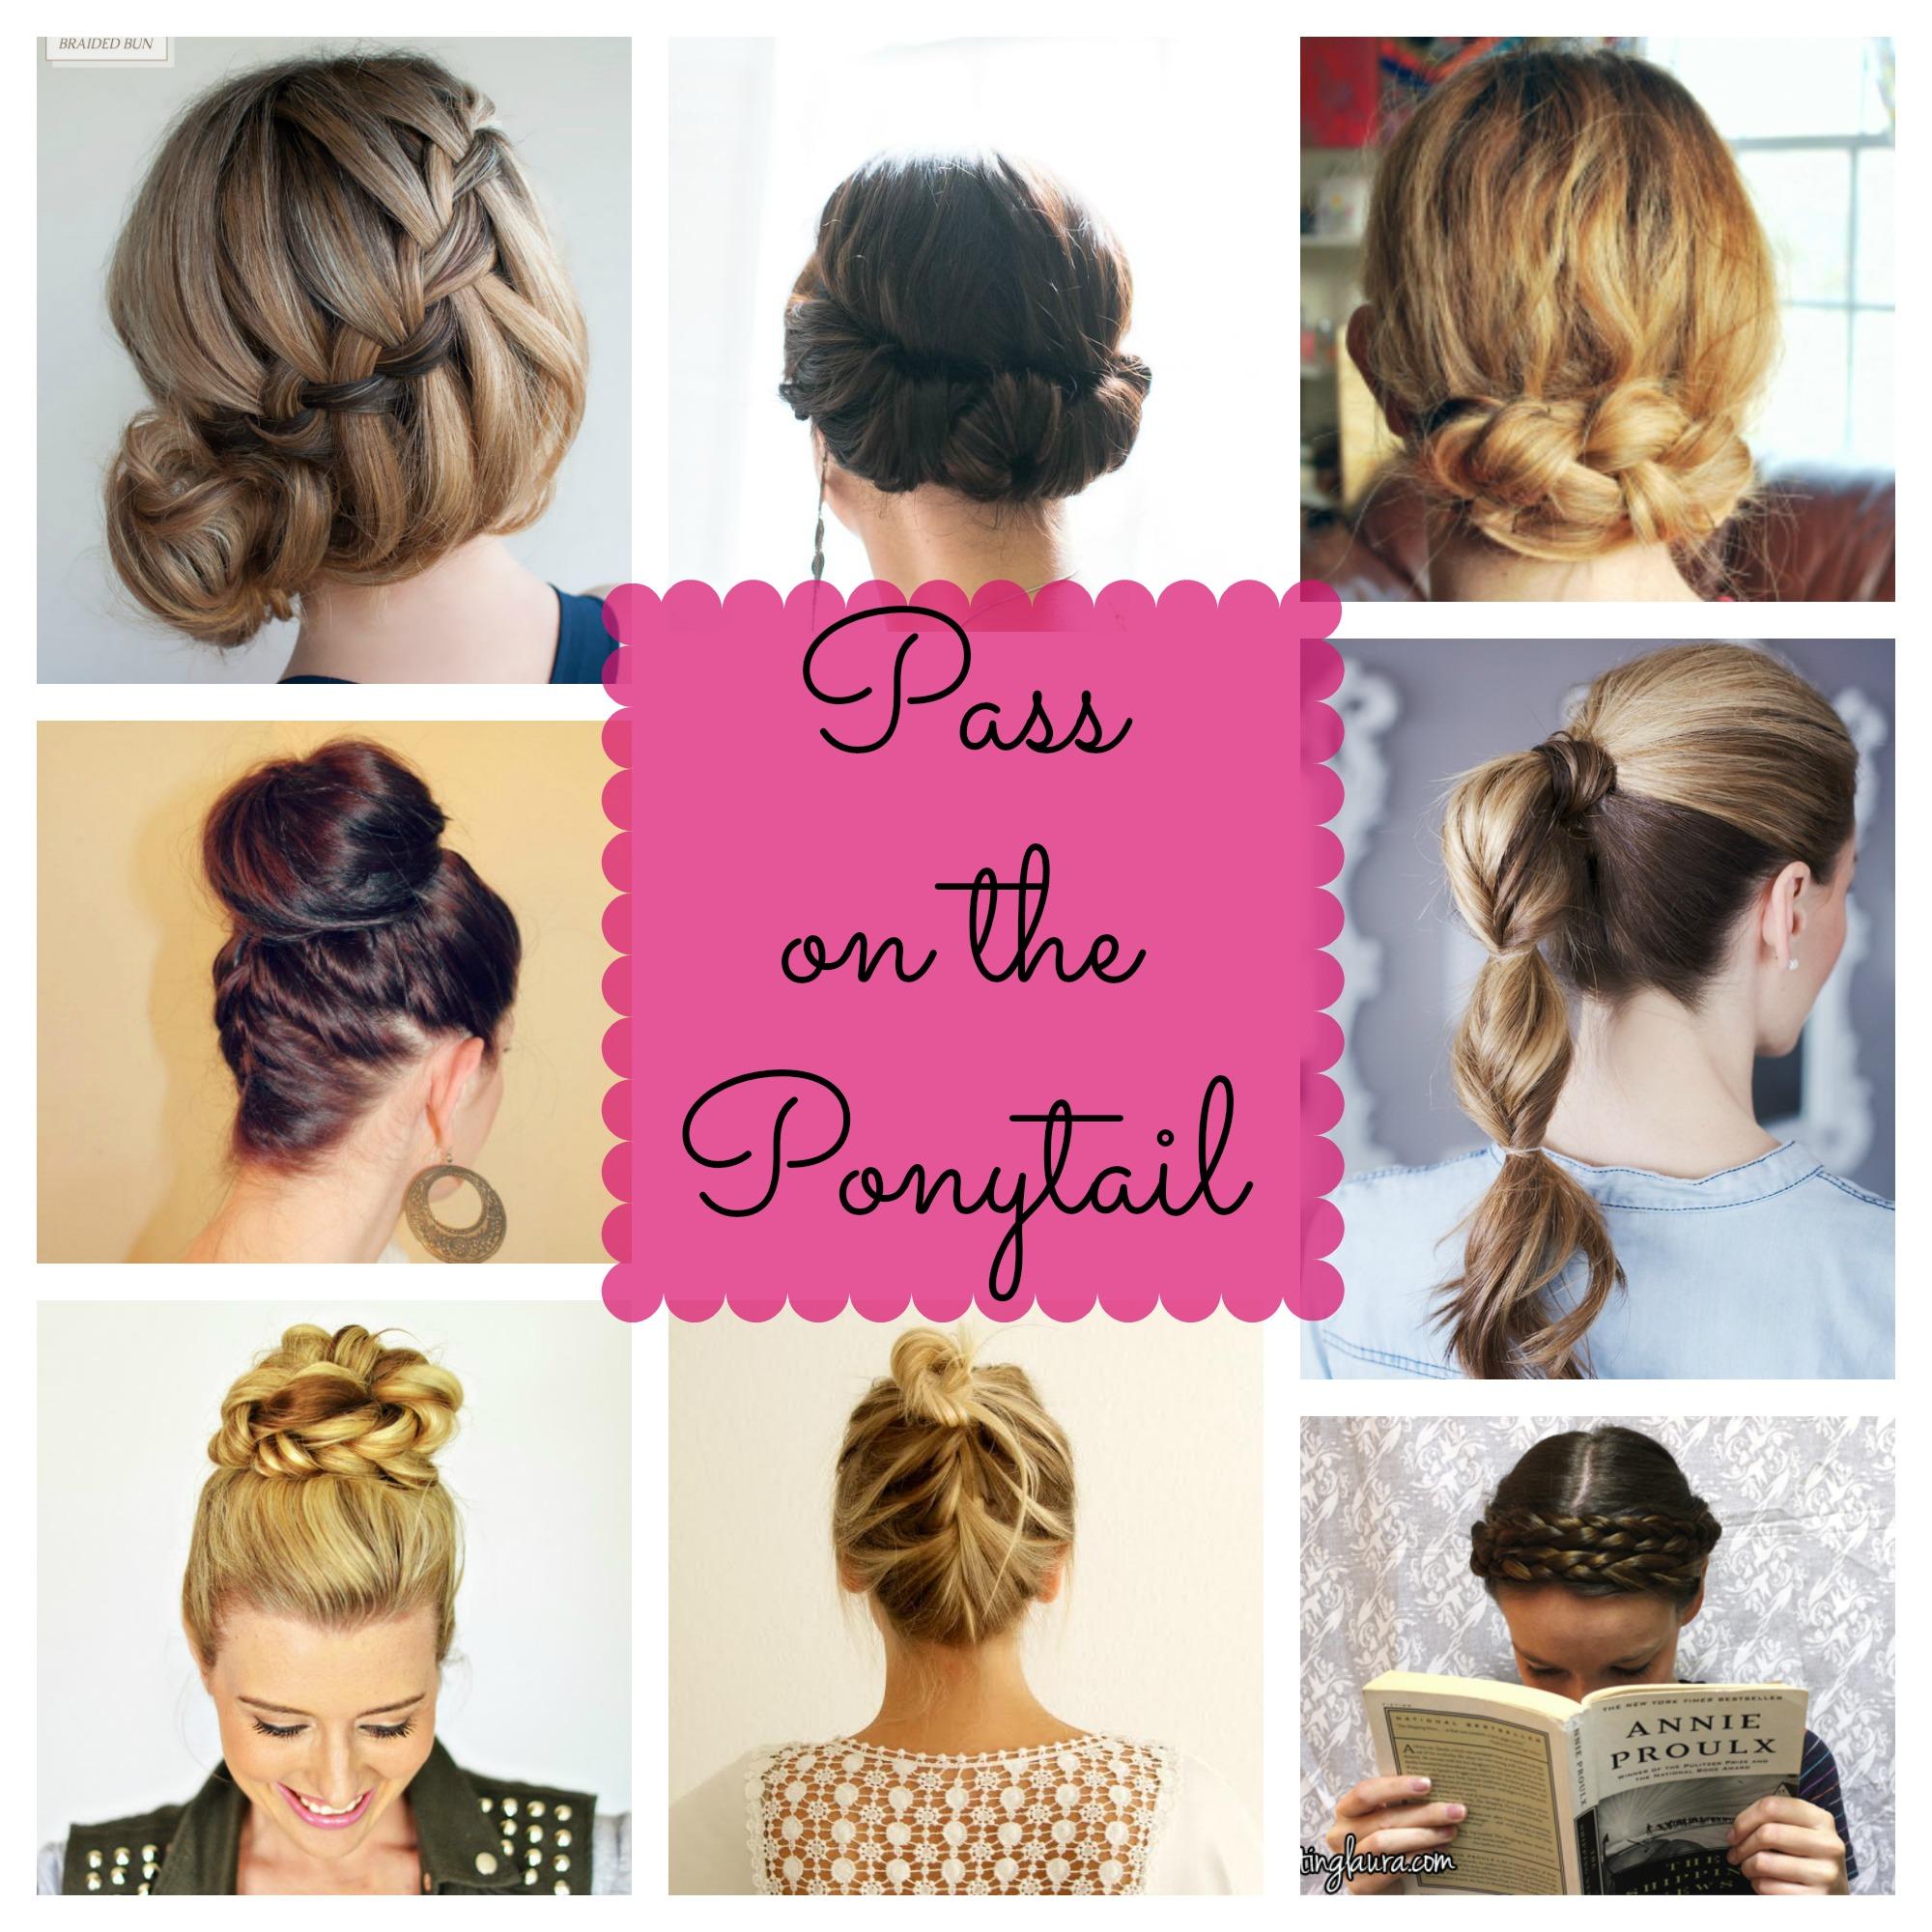 alternatives to ponytails